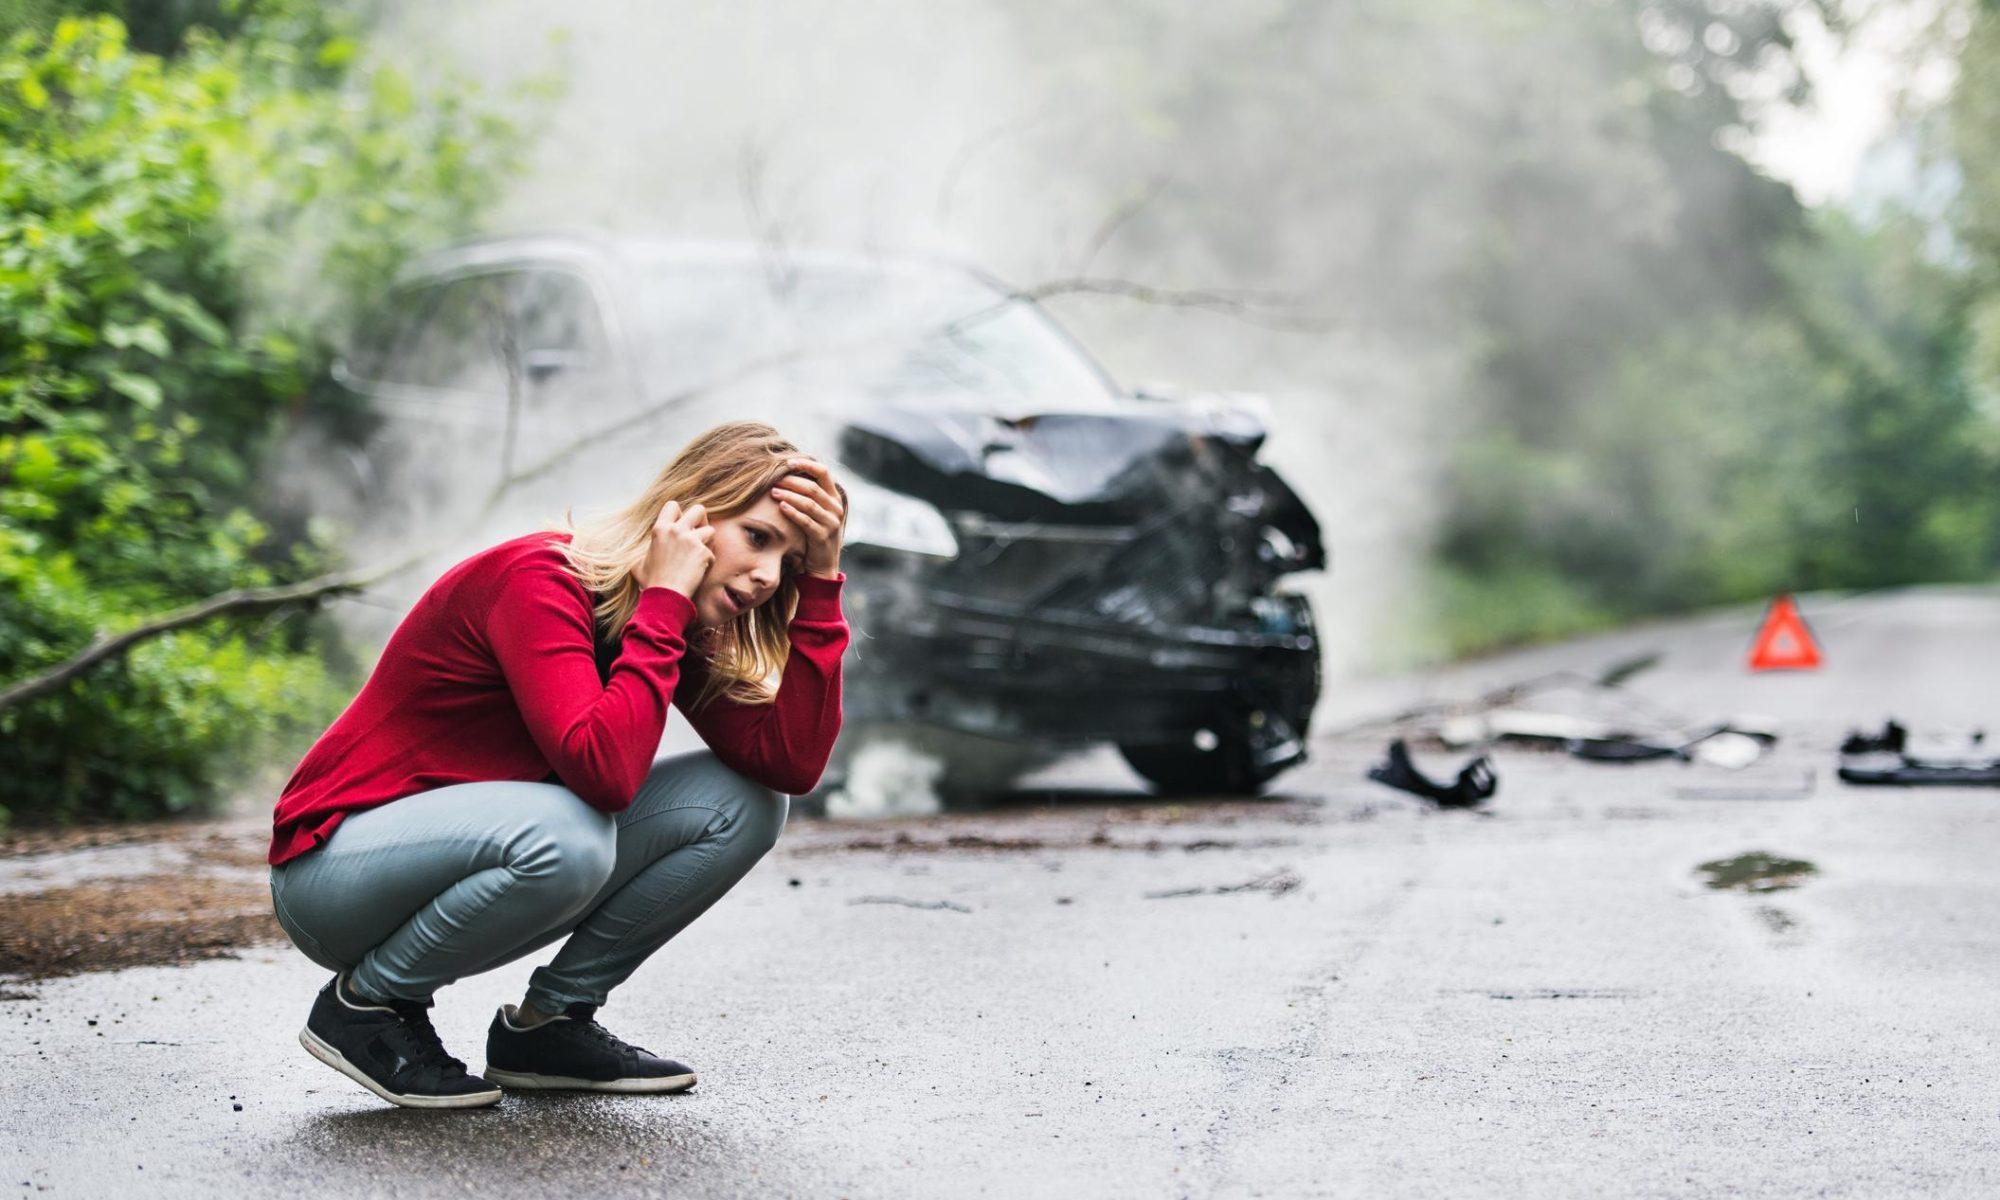 Consecuencias de un accidente automovilístico